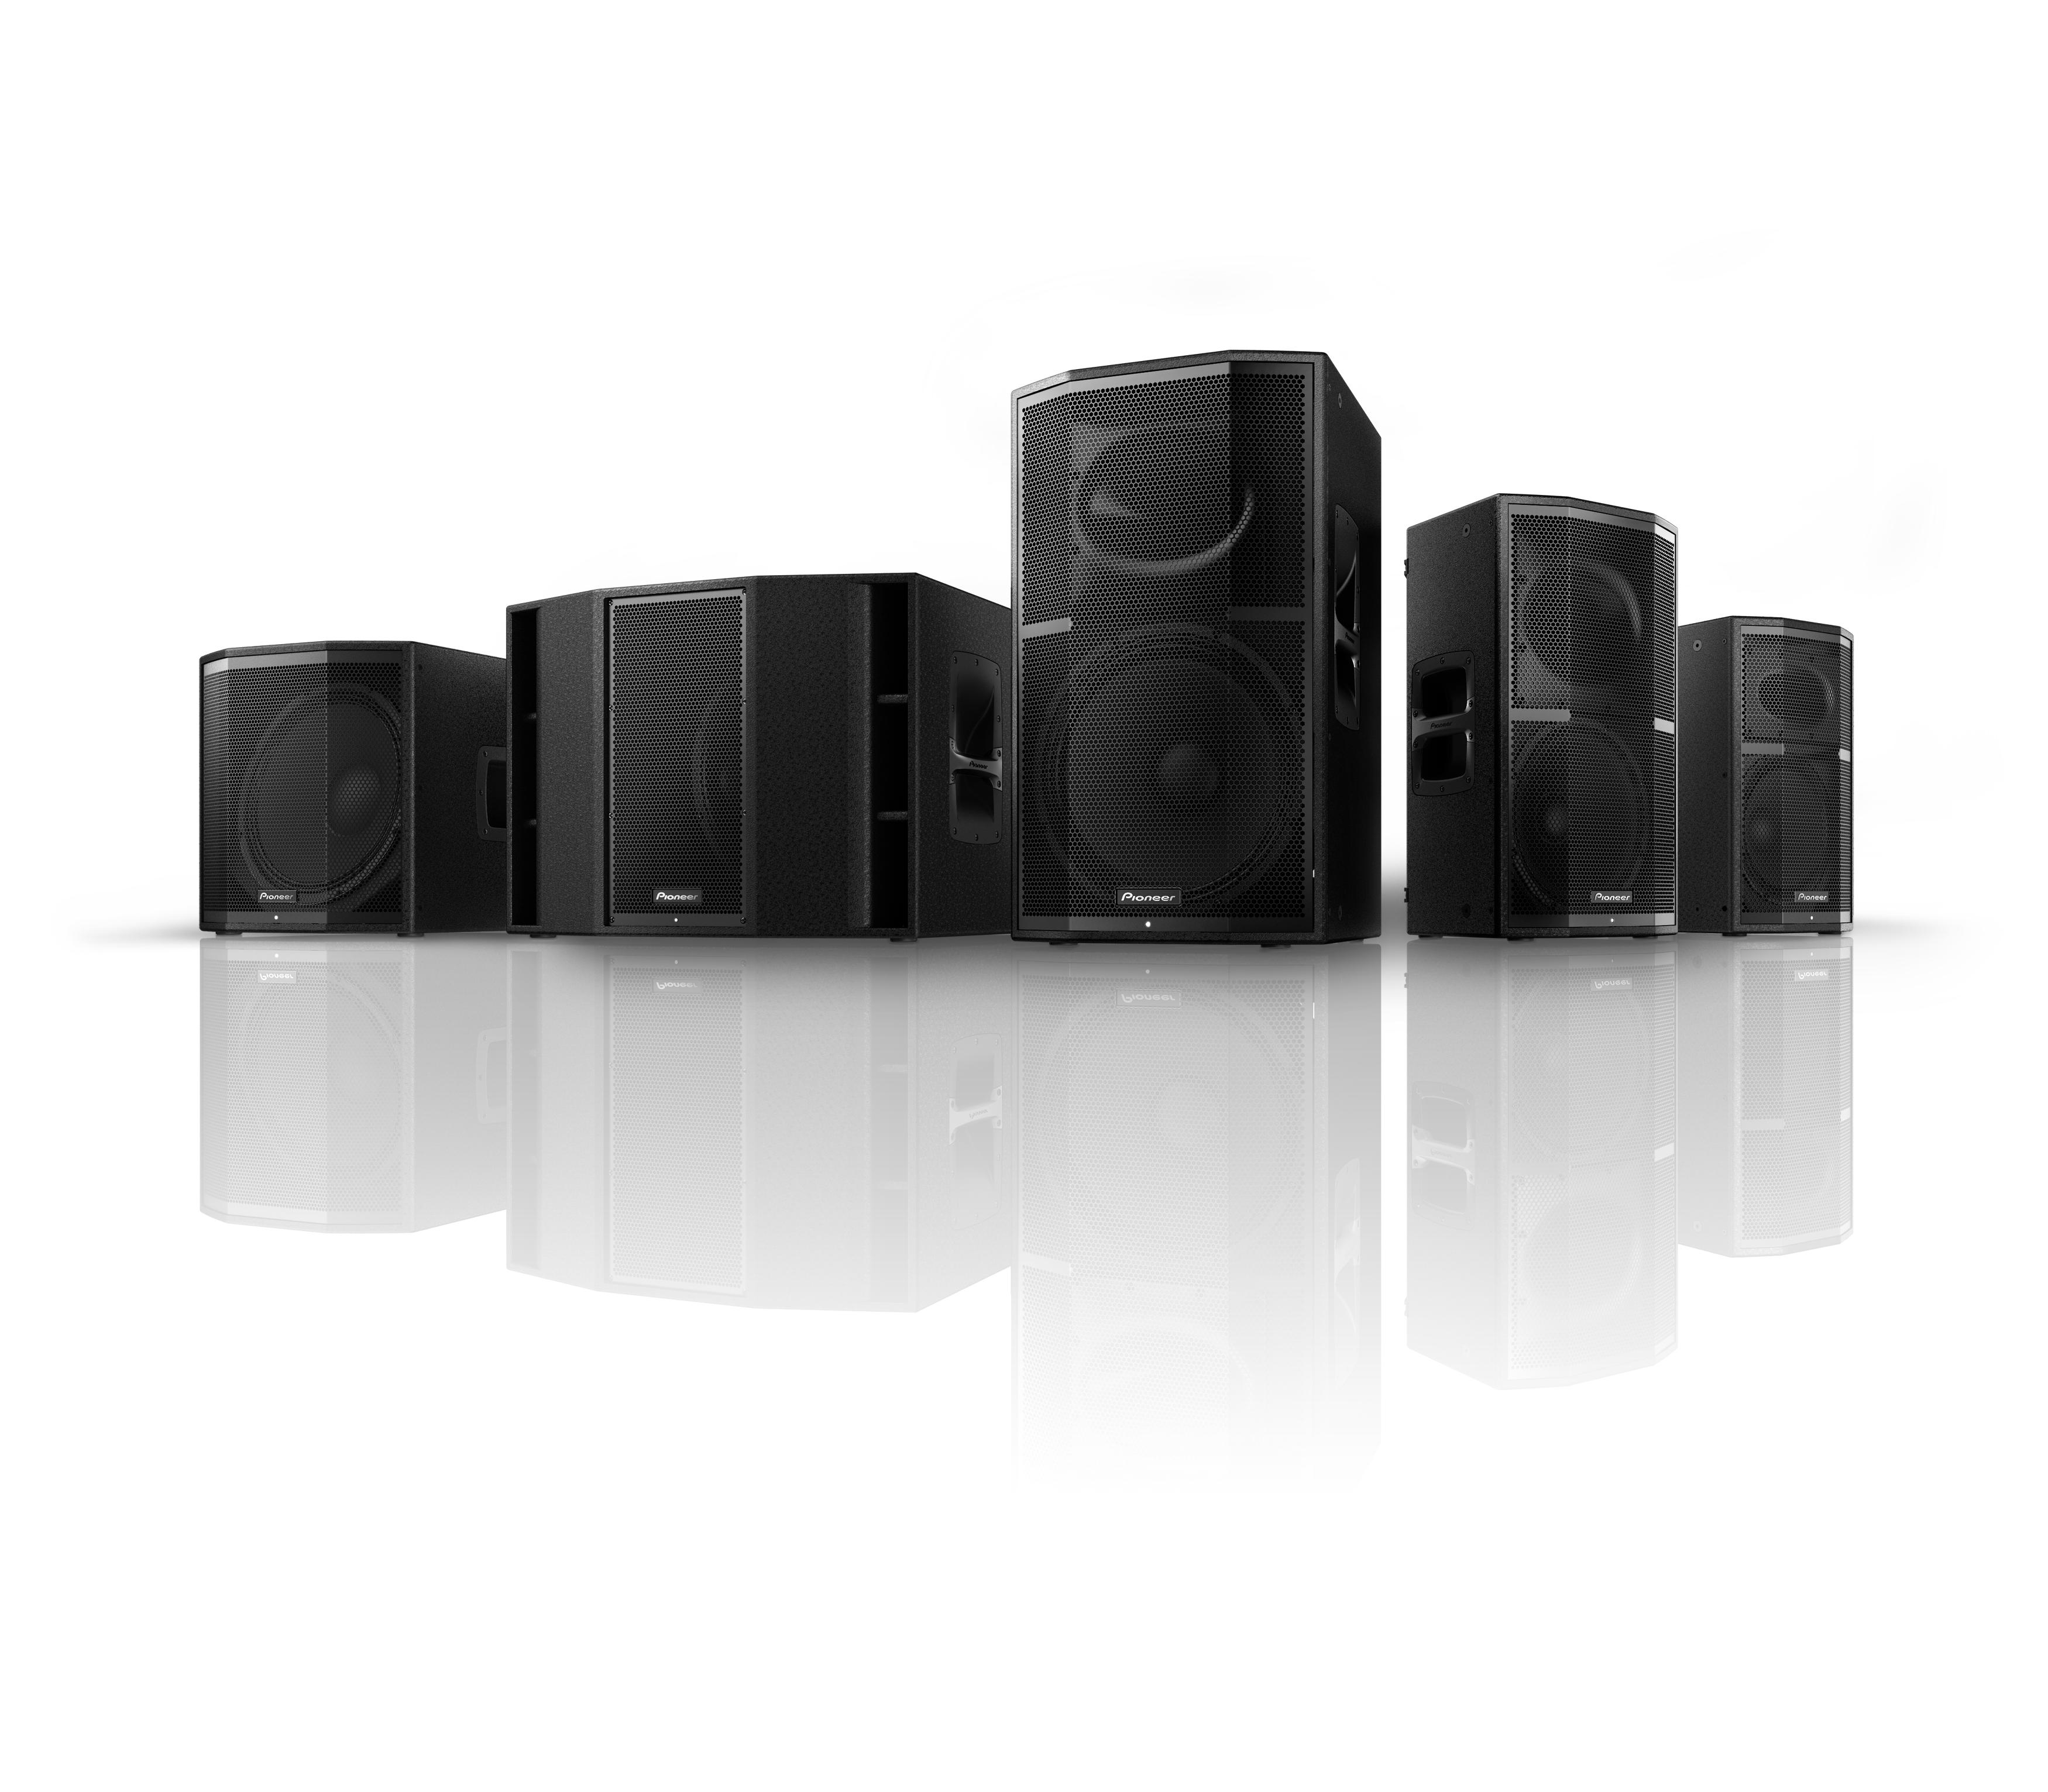 Pioneer Pro Audio presenta dos nuevos altavoces activos: Pioneer XPRS10 y Pioneer XPRS115S